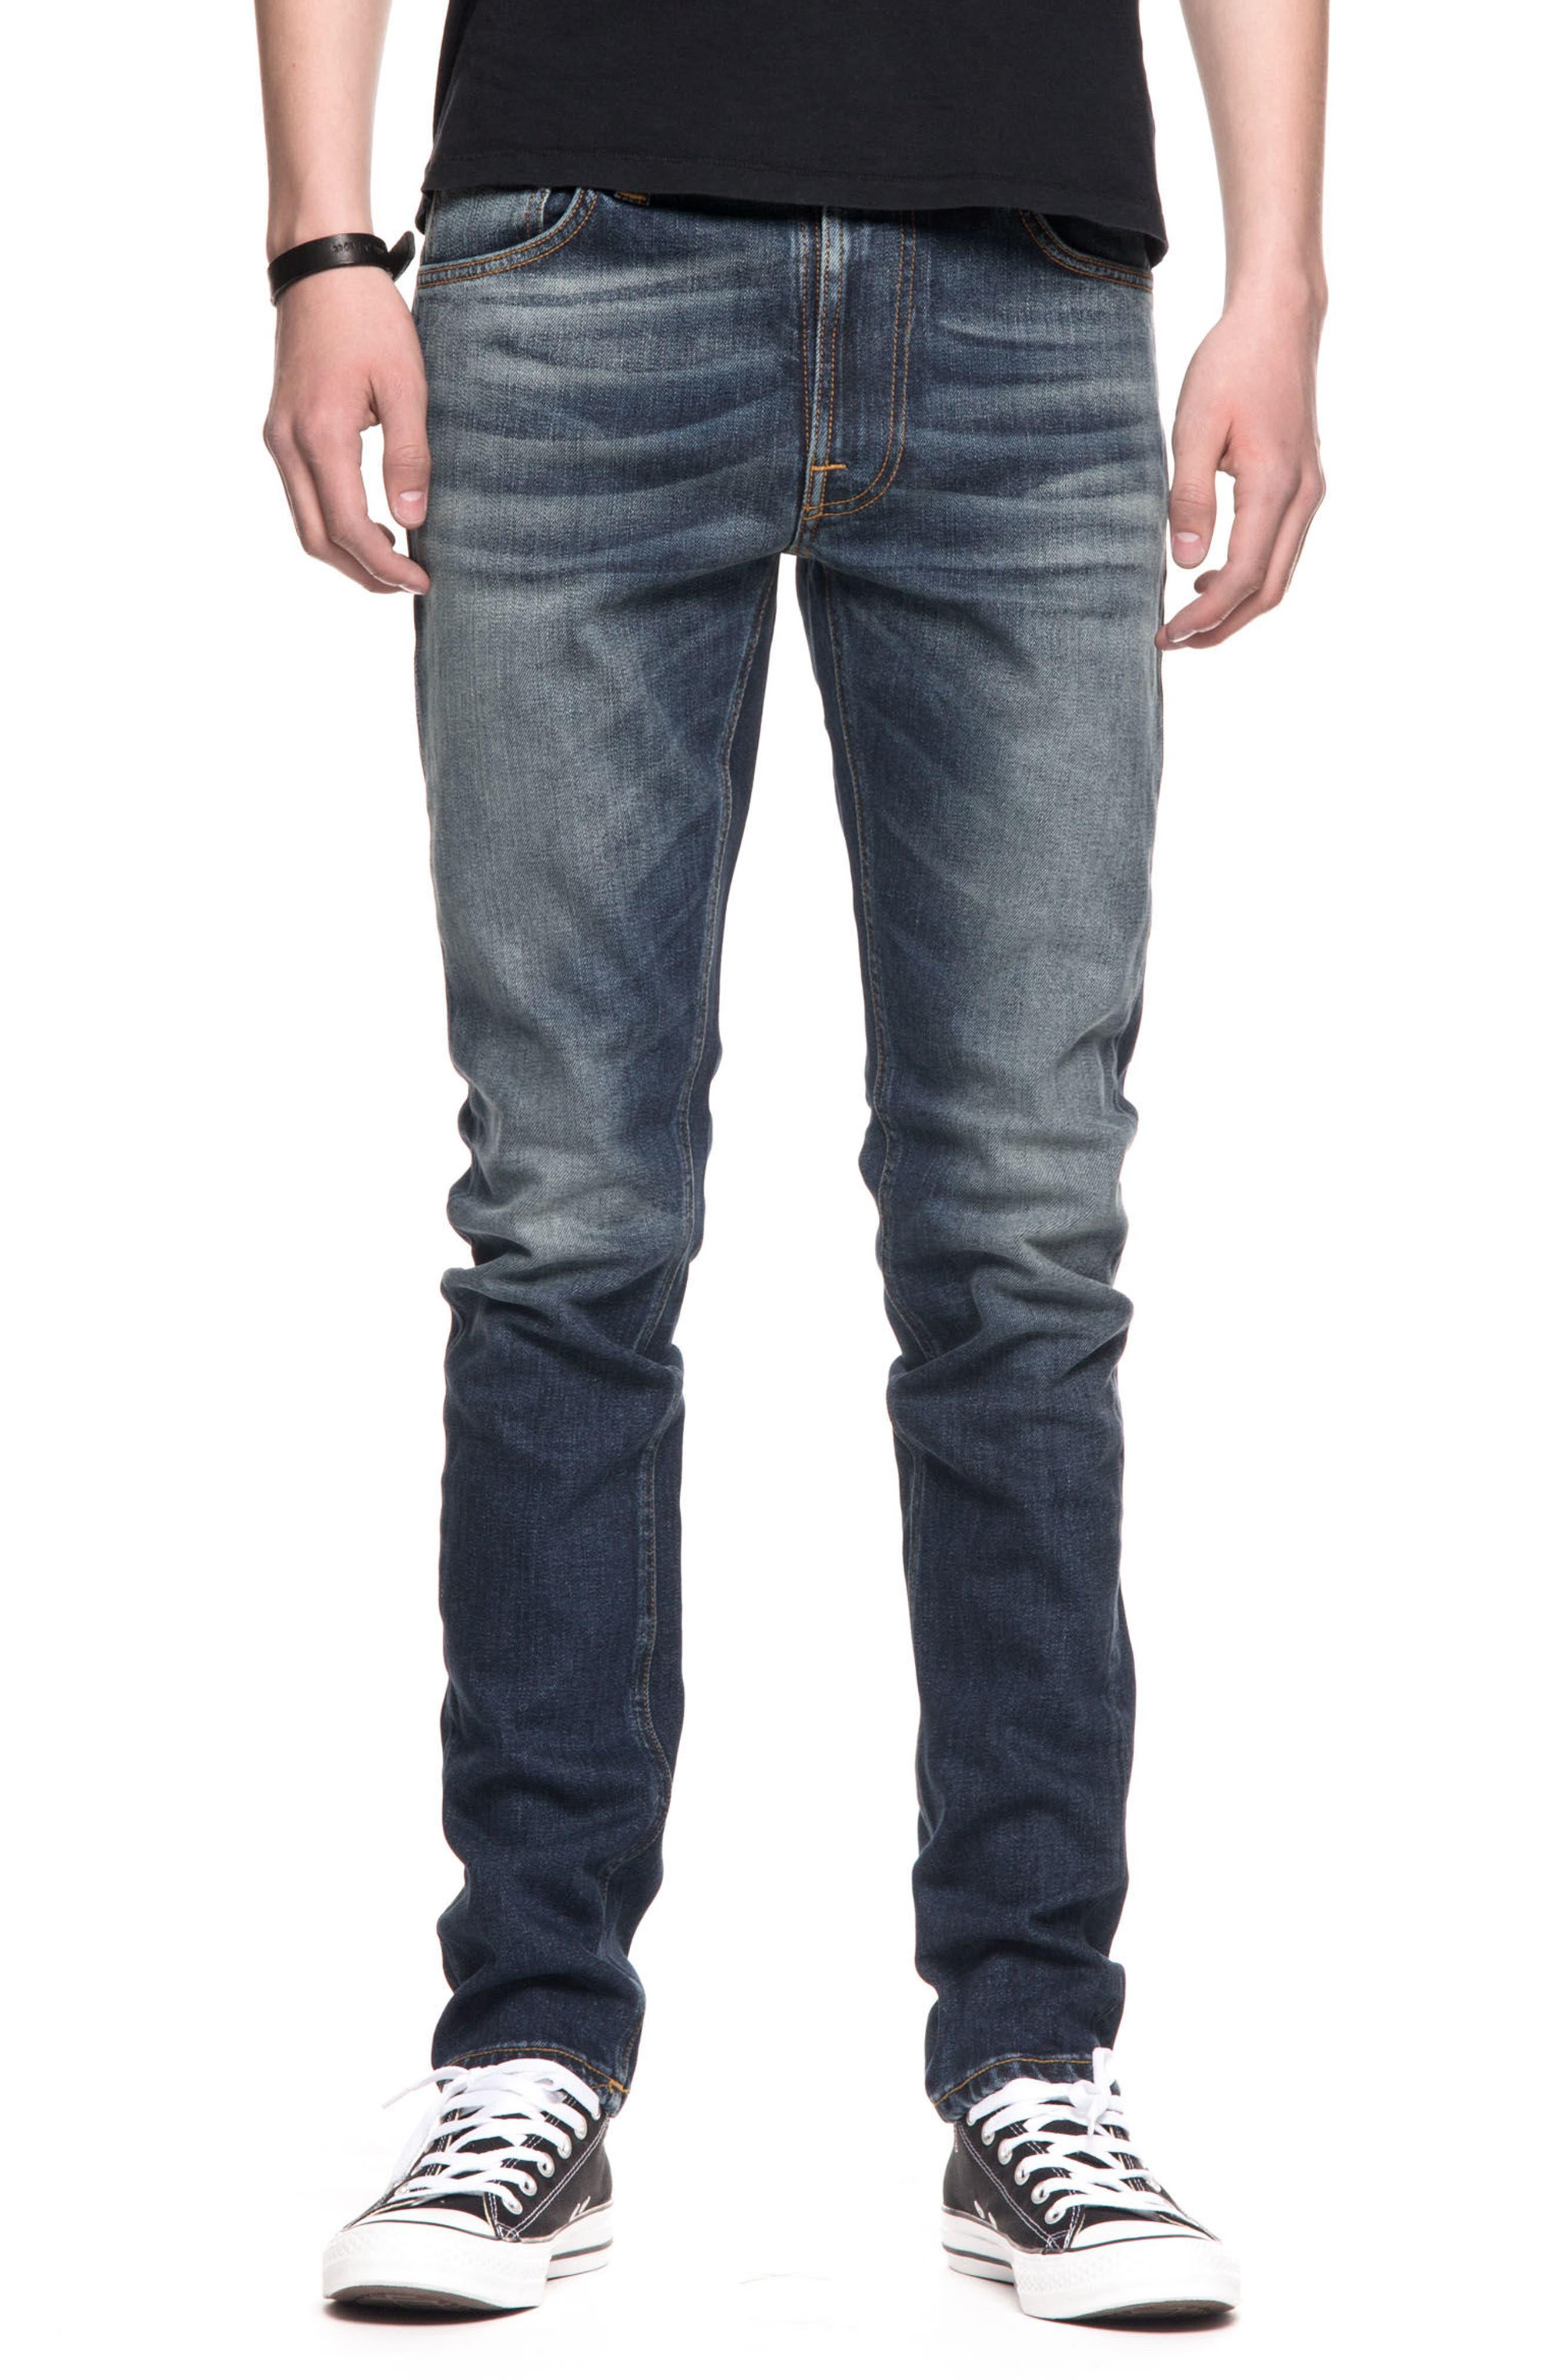 Lean Dean Slouchy Slim Fit Jeans,                             Main thumbnail 1, color,                             Crispy Bora